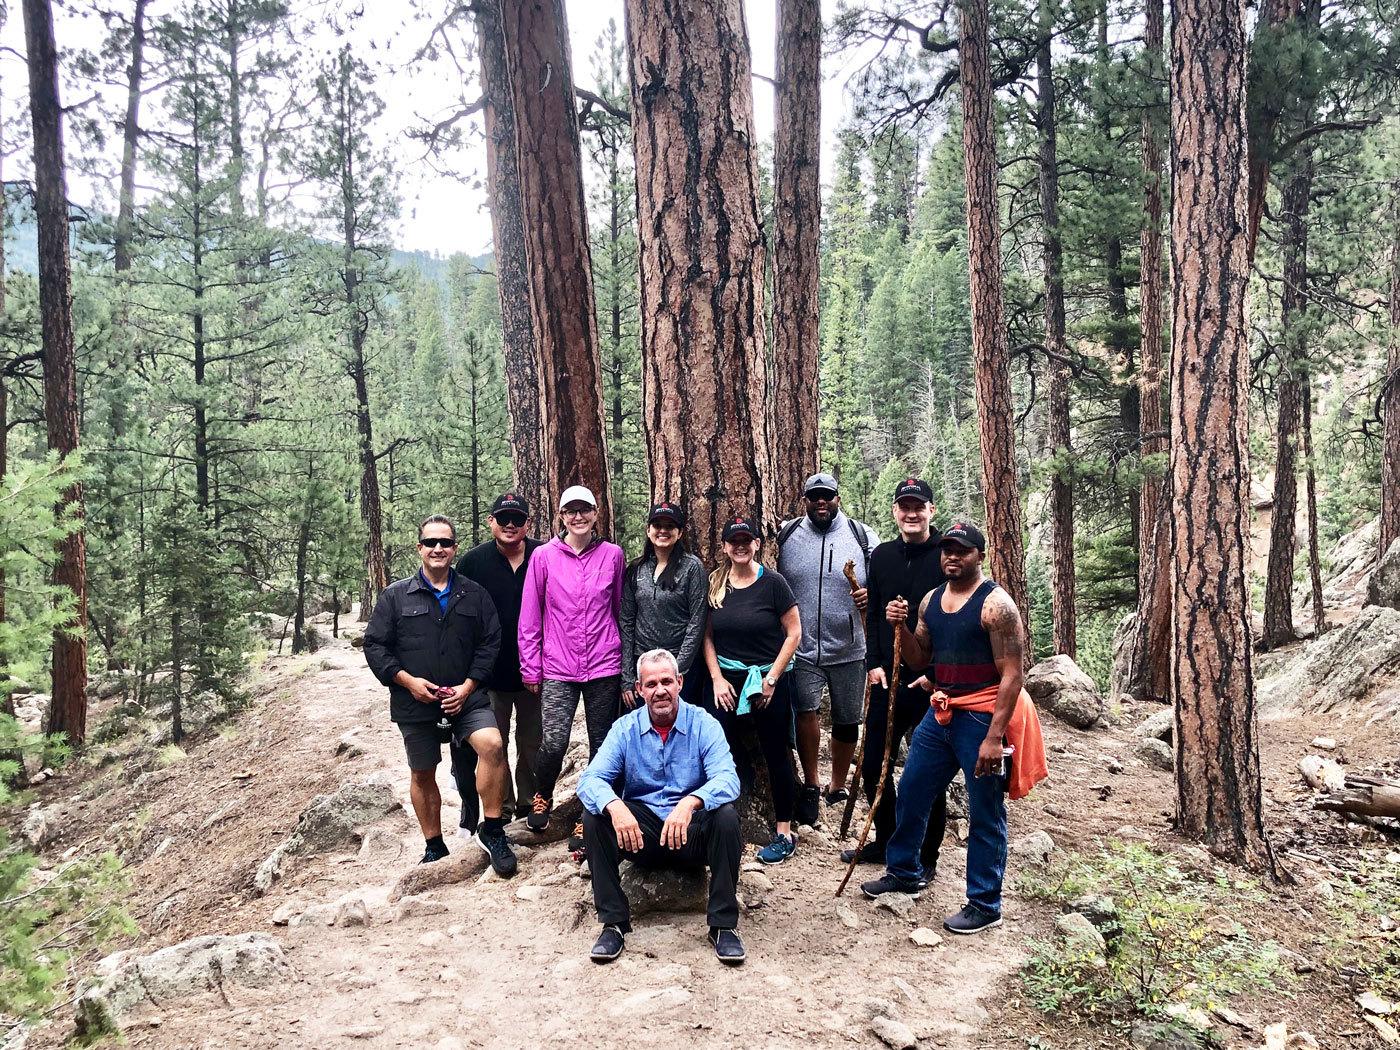 coaching certification retreat group